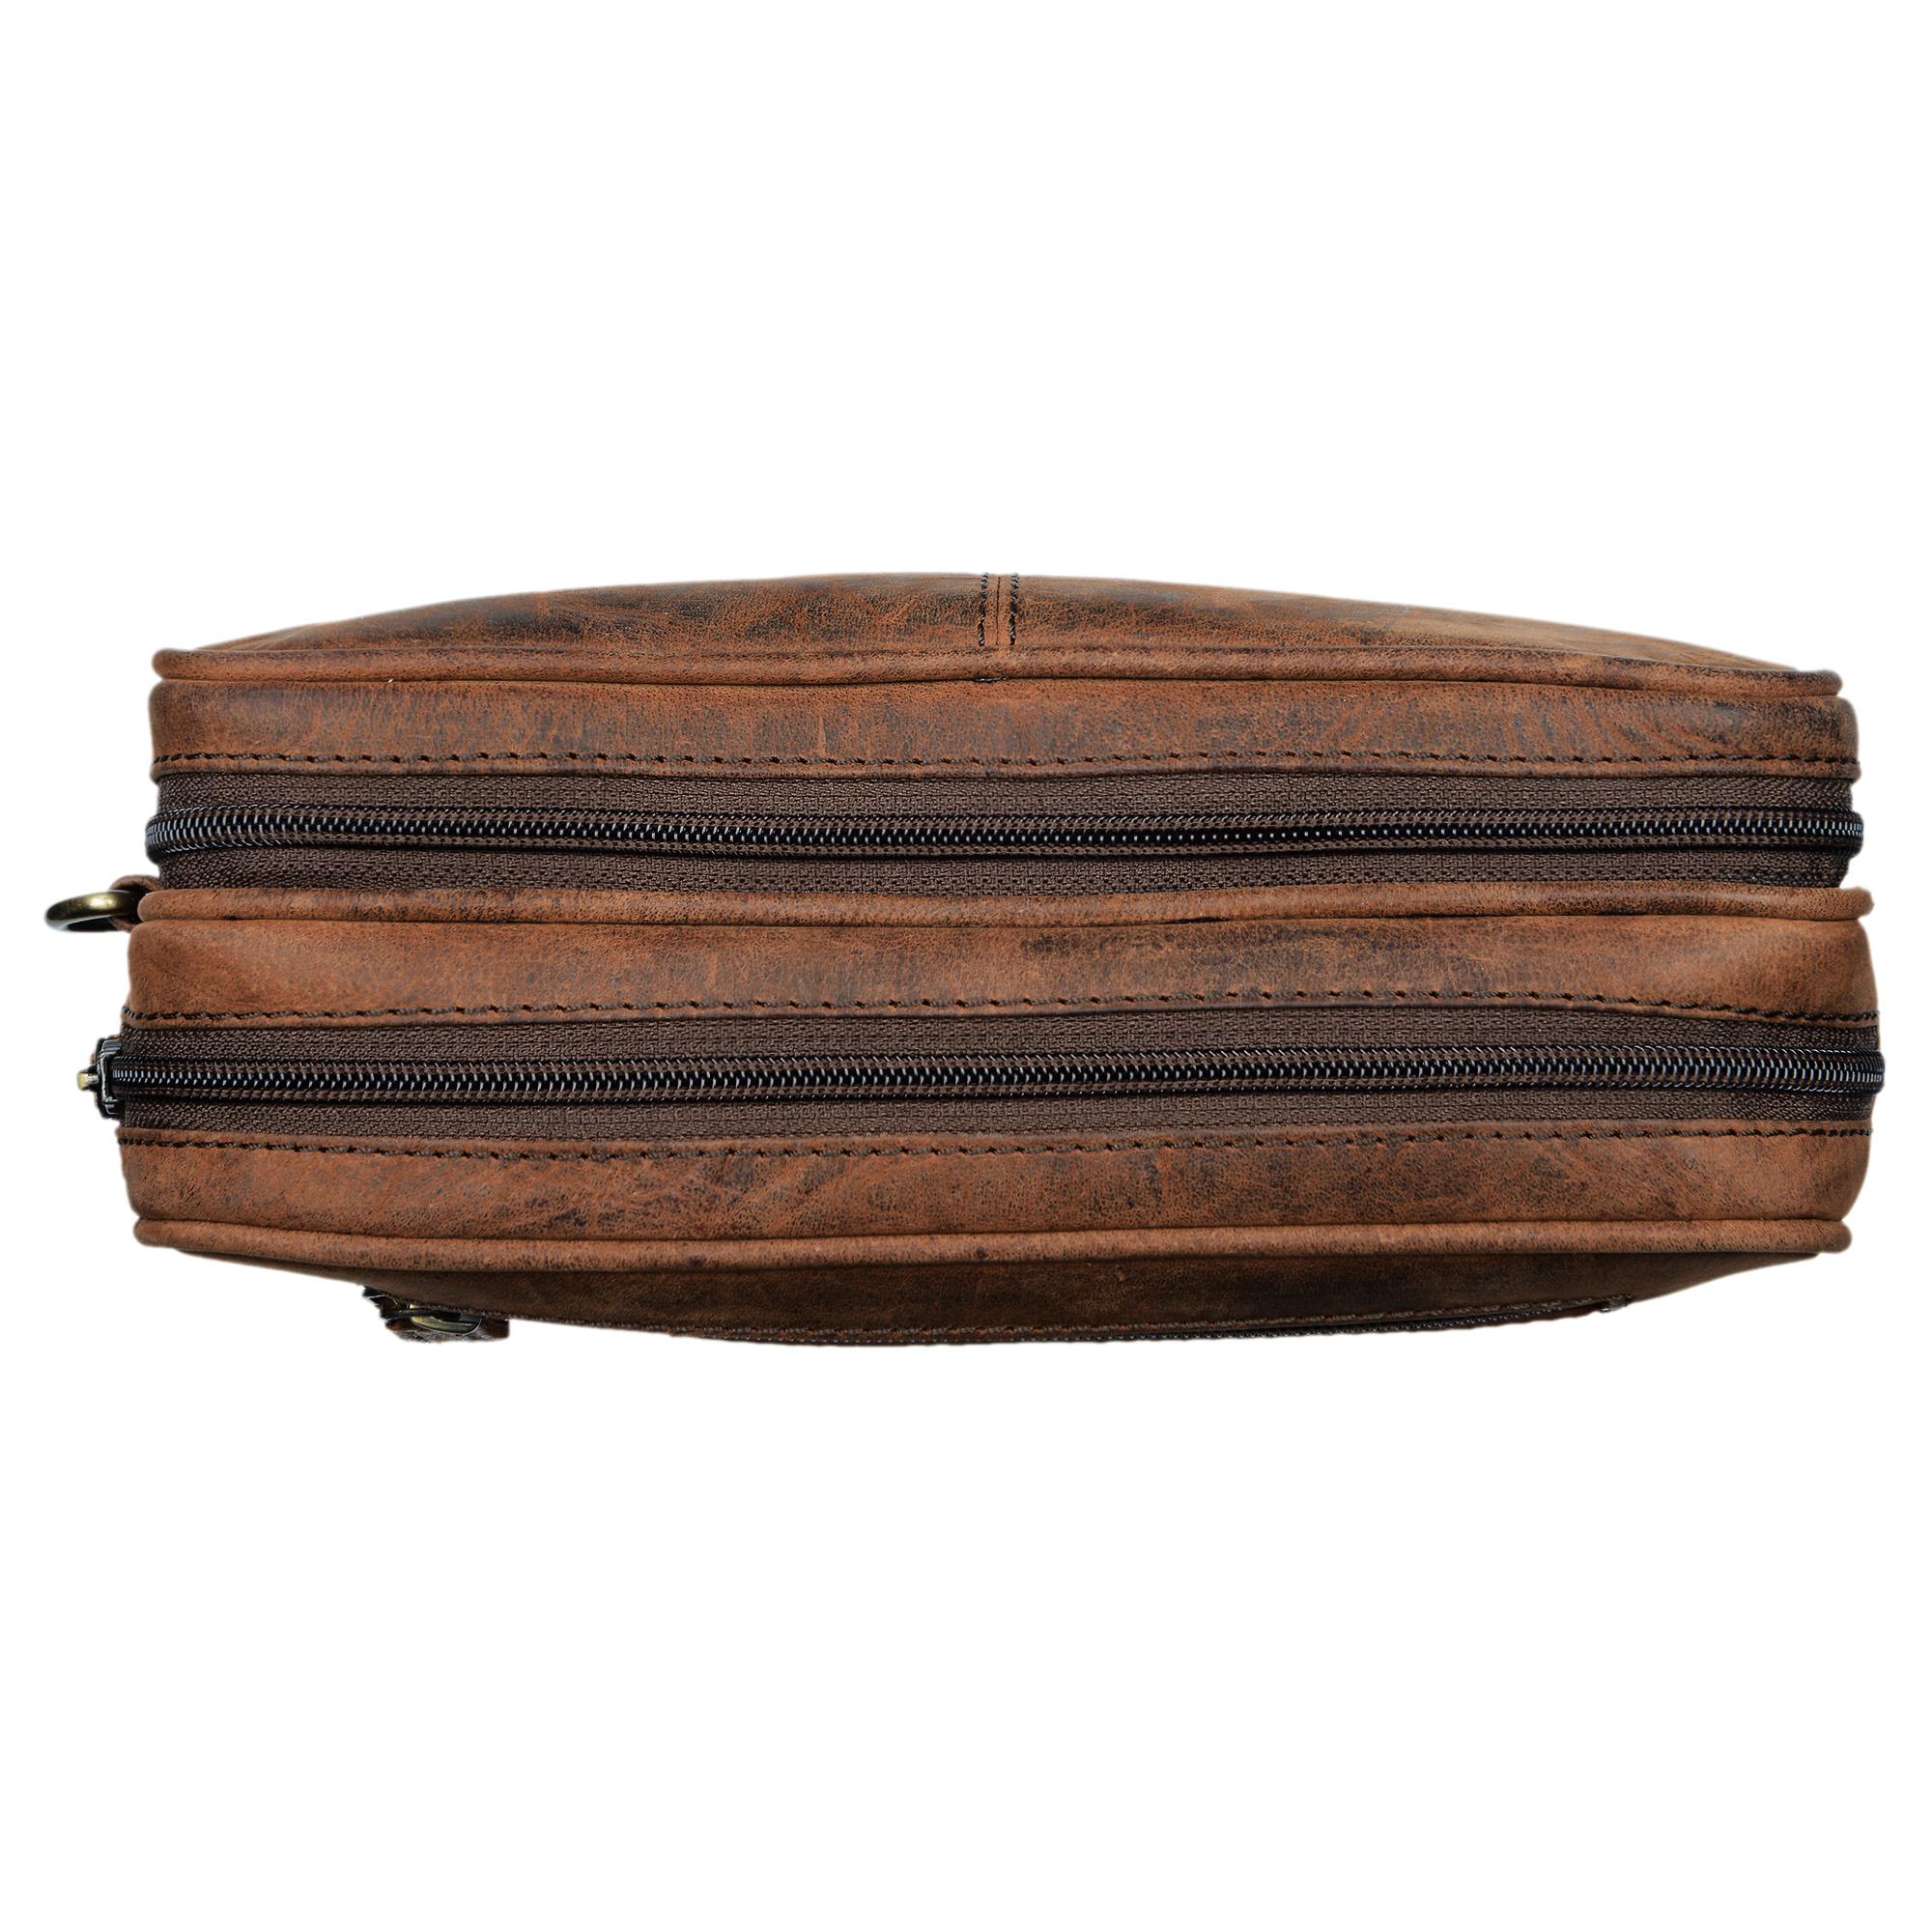 """STILORD """"Nero"""" Handgelenktasche Herren Leder mit Doppelkammer Vintage Handtasche für 8,4 Zoll Tablets ideal für Reisen Festival Herrenhandtasche echtes Leder - Bild 18"""